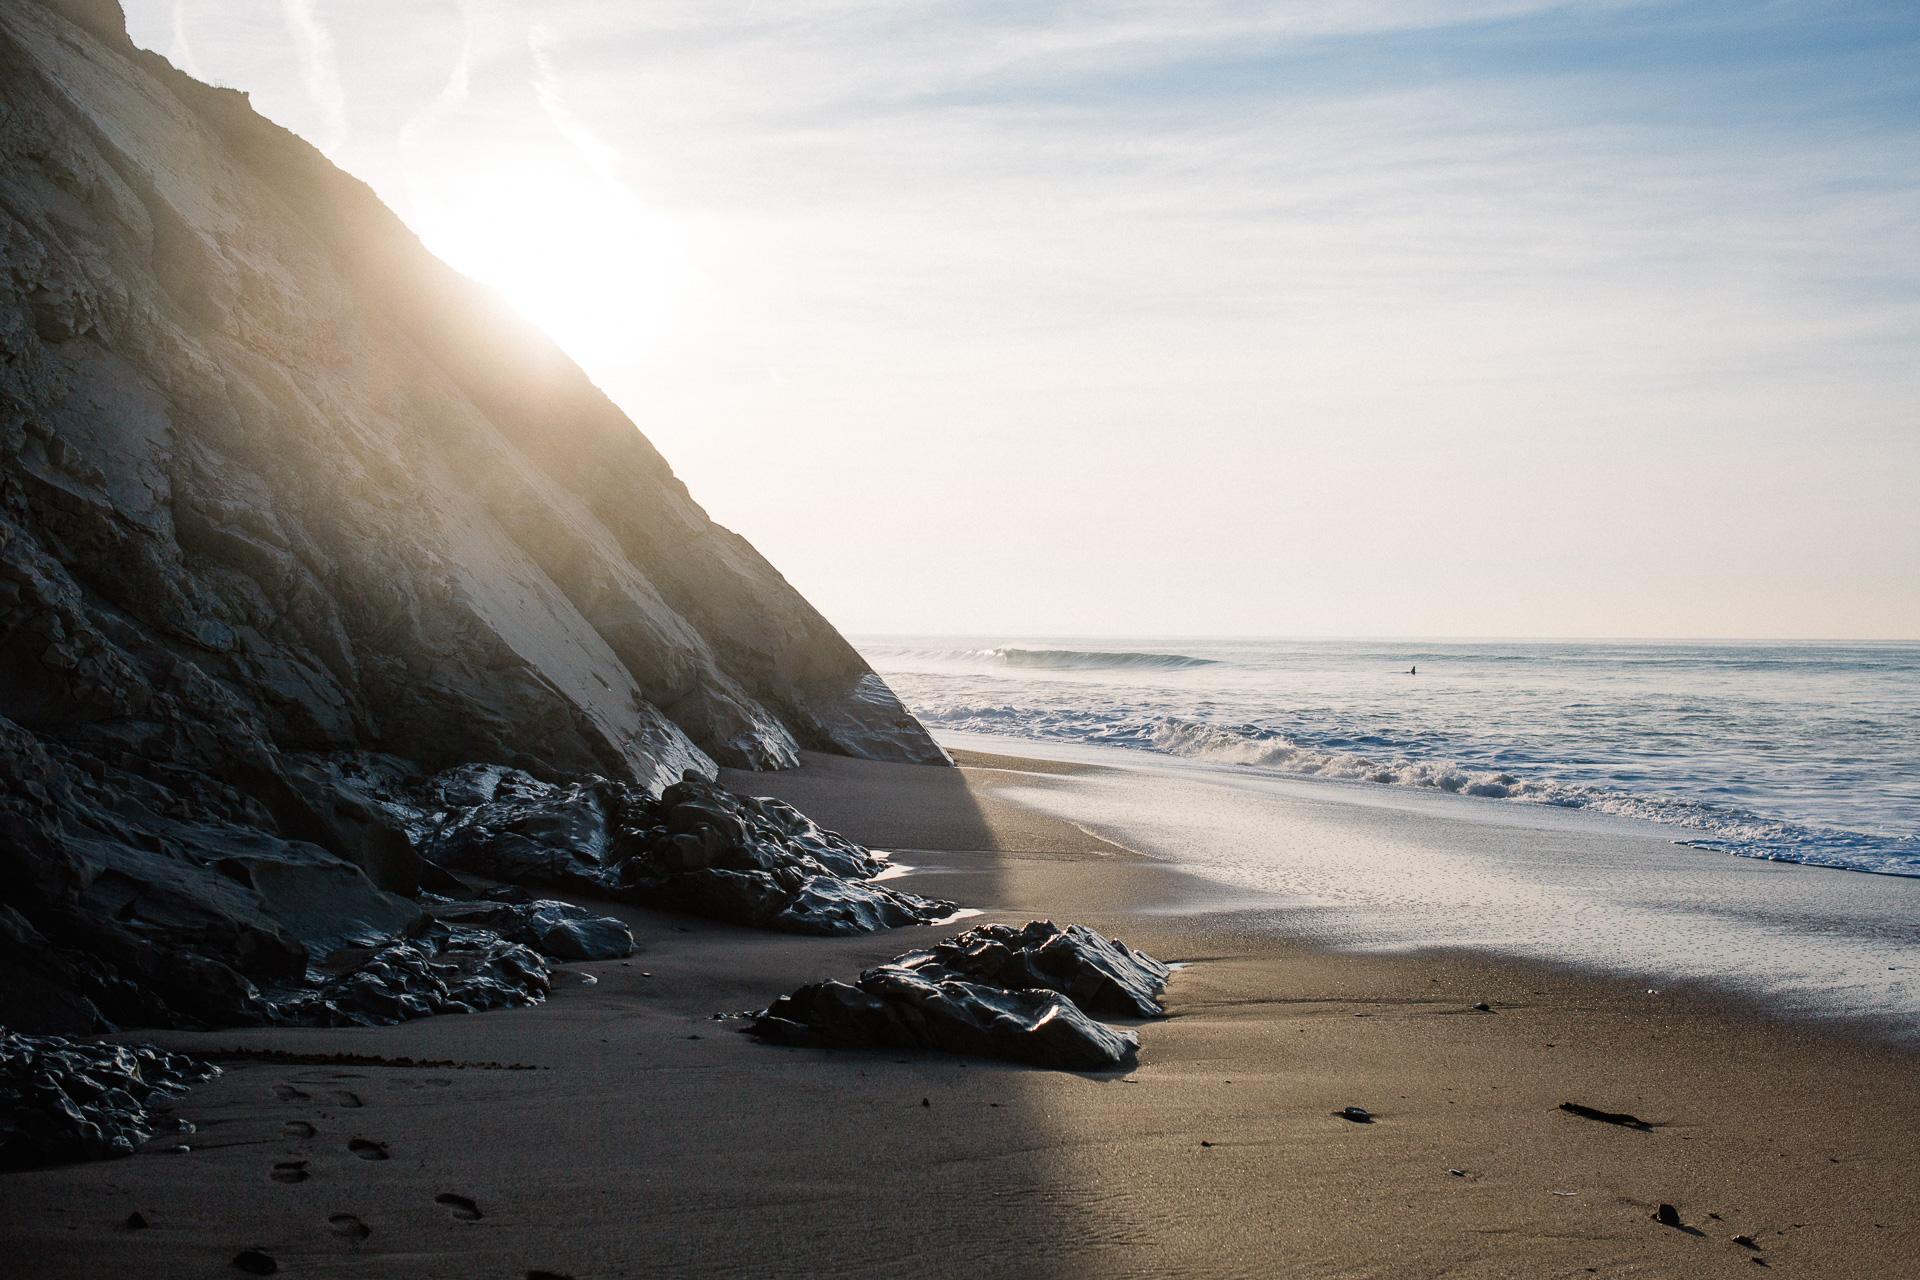 Damien-Dohmen-photographe-Ocean-34